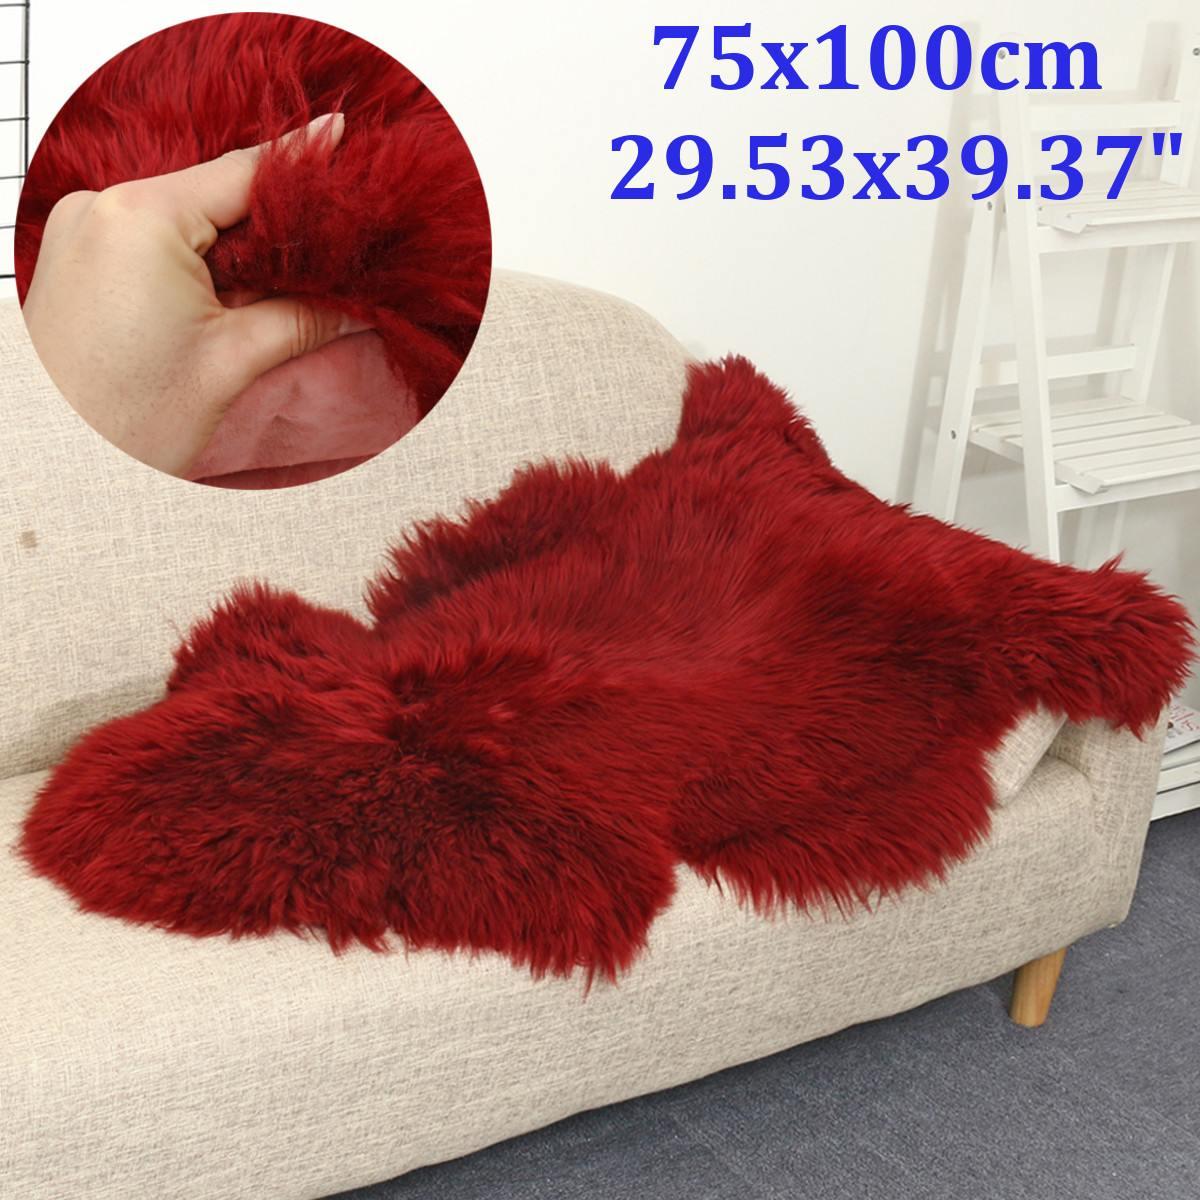 Tapis en peau de mouton rouge en fausse fourrure tapis pour la maison chambre enfants chaise de salon chaud de haute qualité tapis en peluche antidérapant